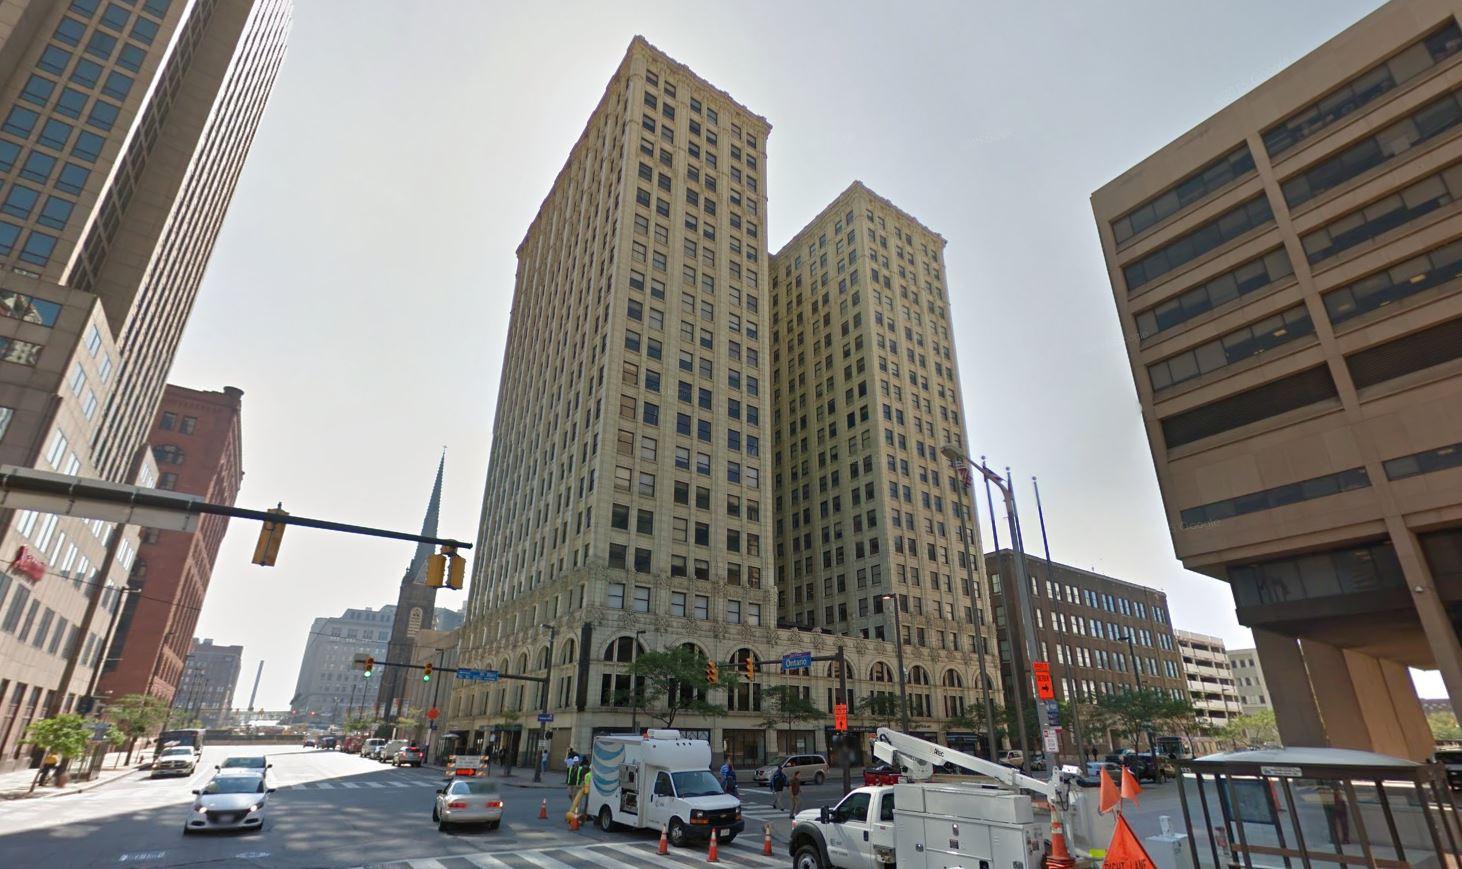 Cleveland Standard Building